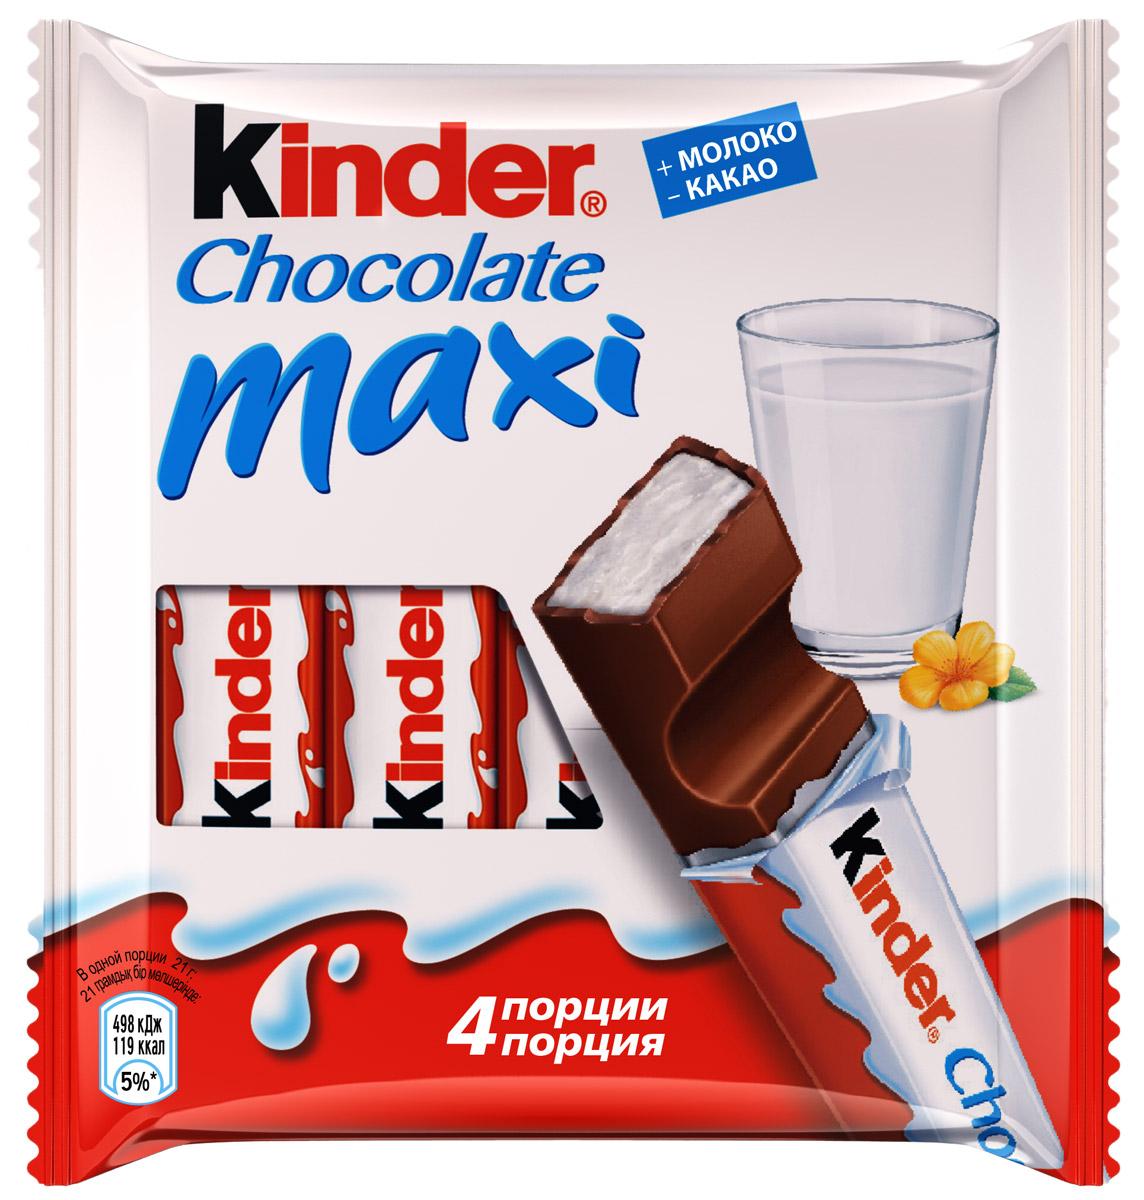 Kinder Chocolate Maxi шоколадный батончик молочный, 4 шт по 21 г kinder chocolate шоколад молочный с молочной начинкой 50 г